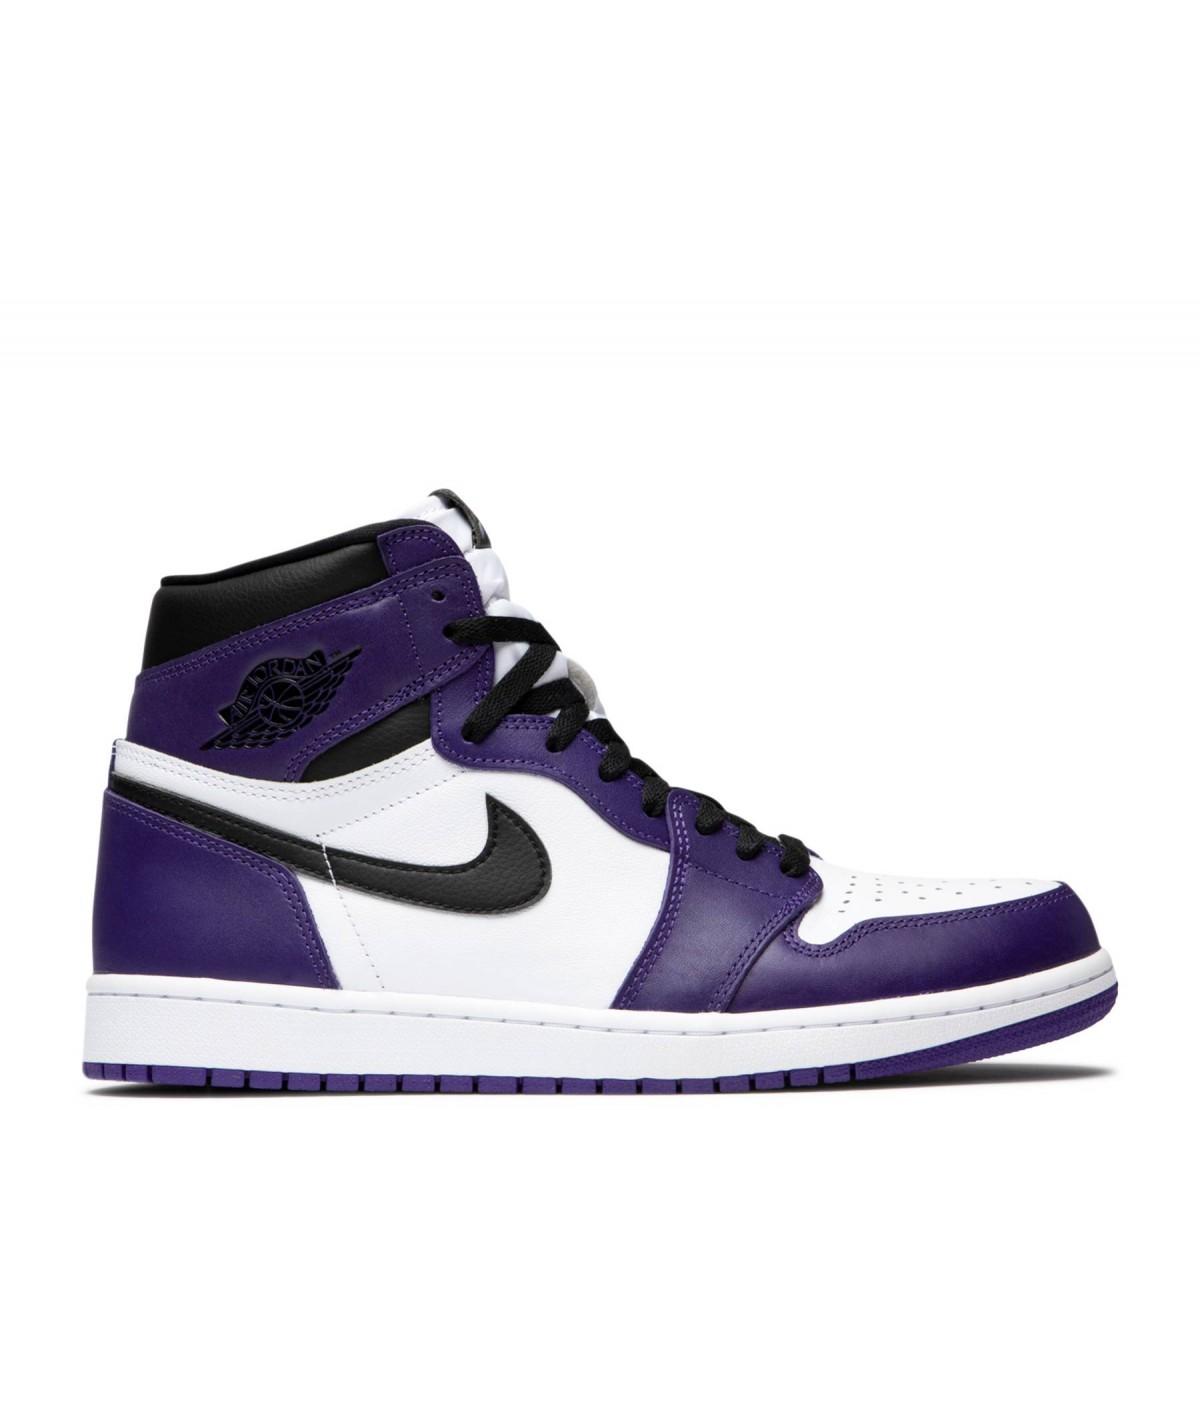 Air Jordan 1 Court Purple I 555088-500 I Royaume-Uni